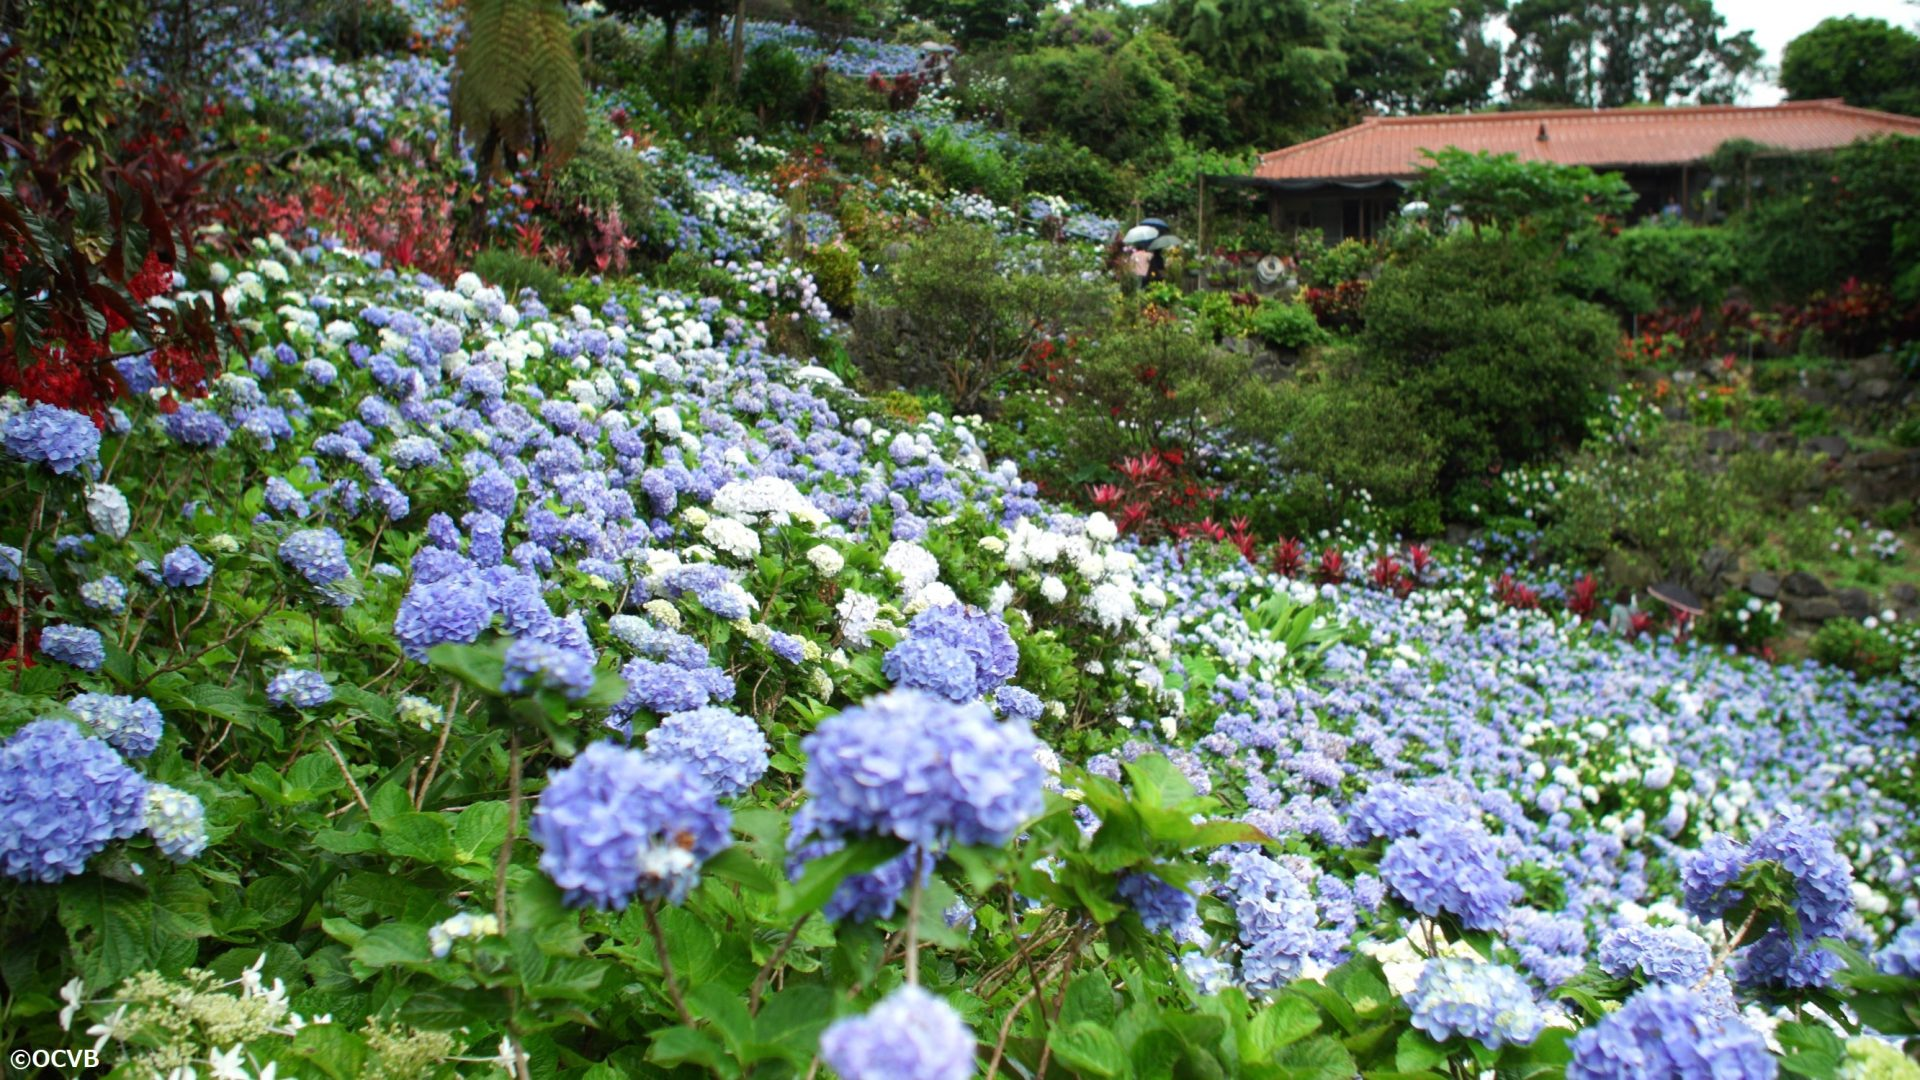 雨の日の観光におすすめ!沖縄北部「よへなあじさい園」